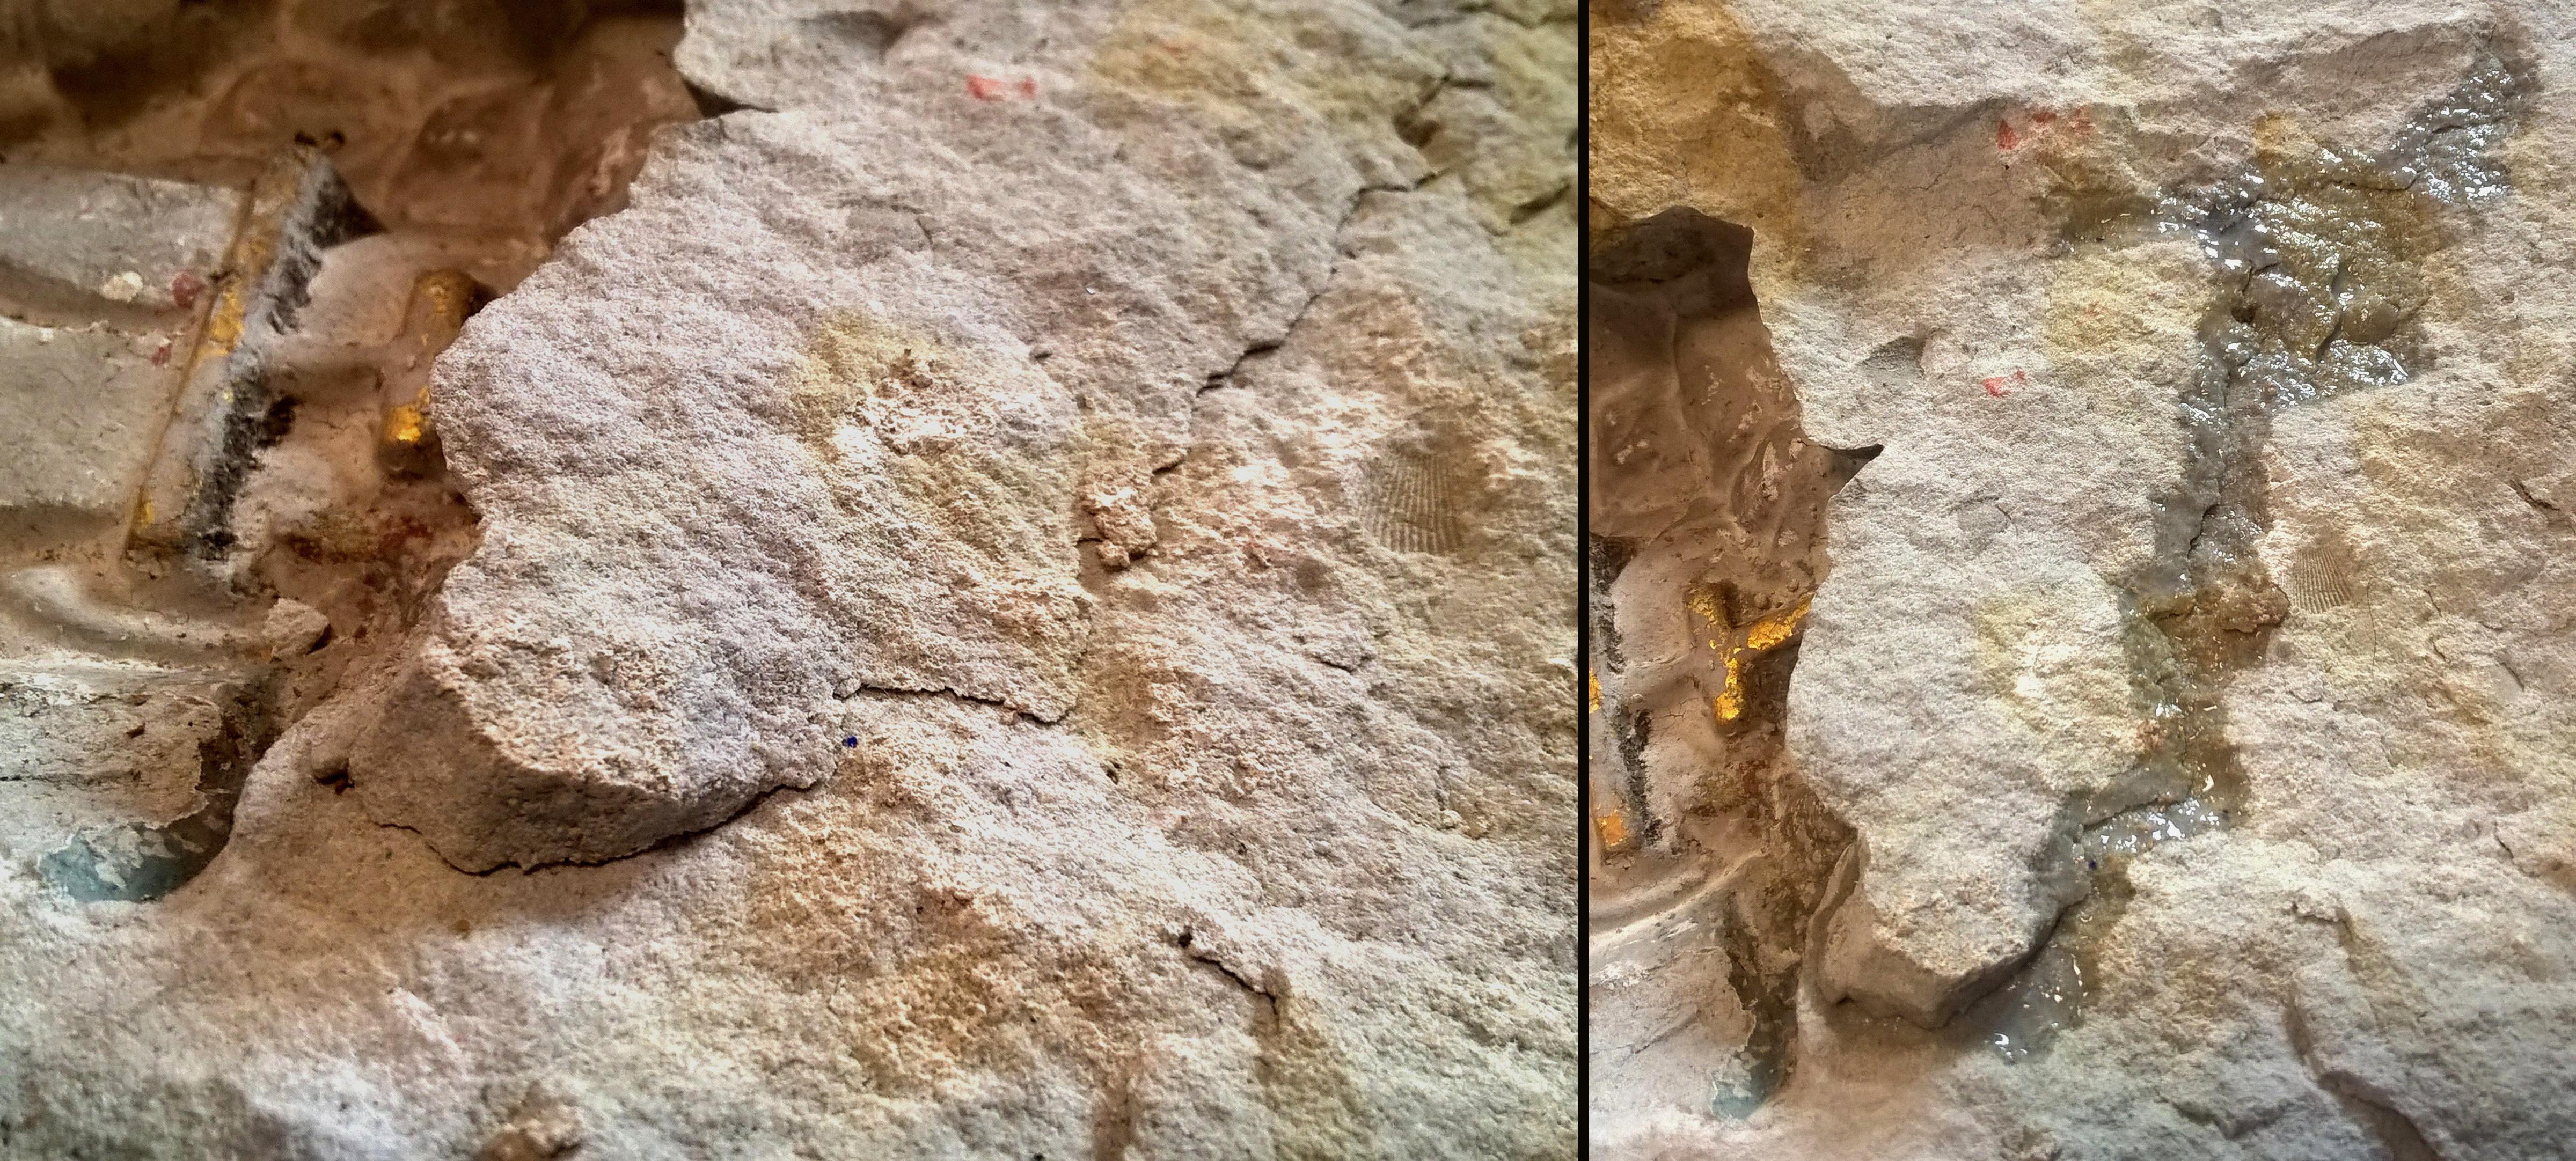 11.Pł.duża fr. pęknięcia skały przed i po iniekcji